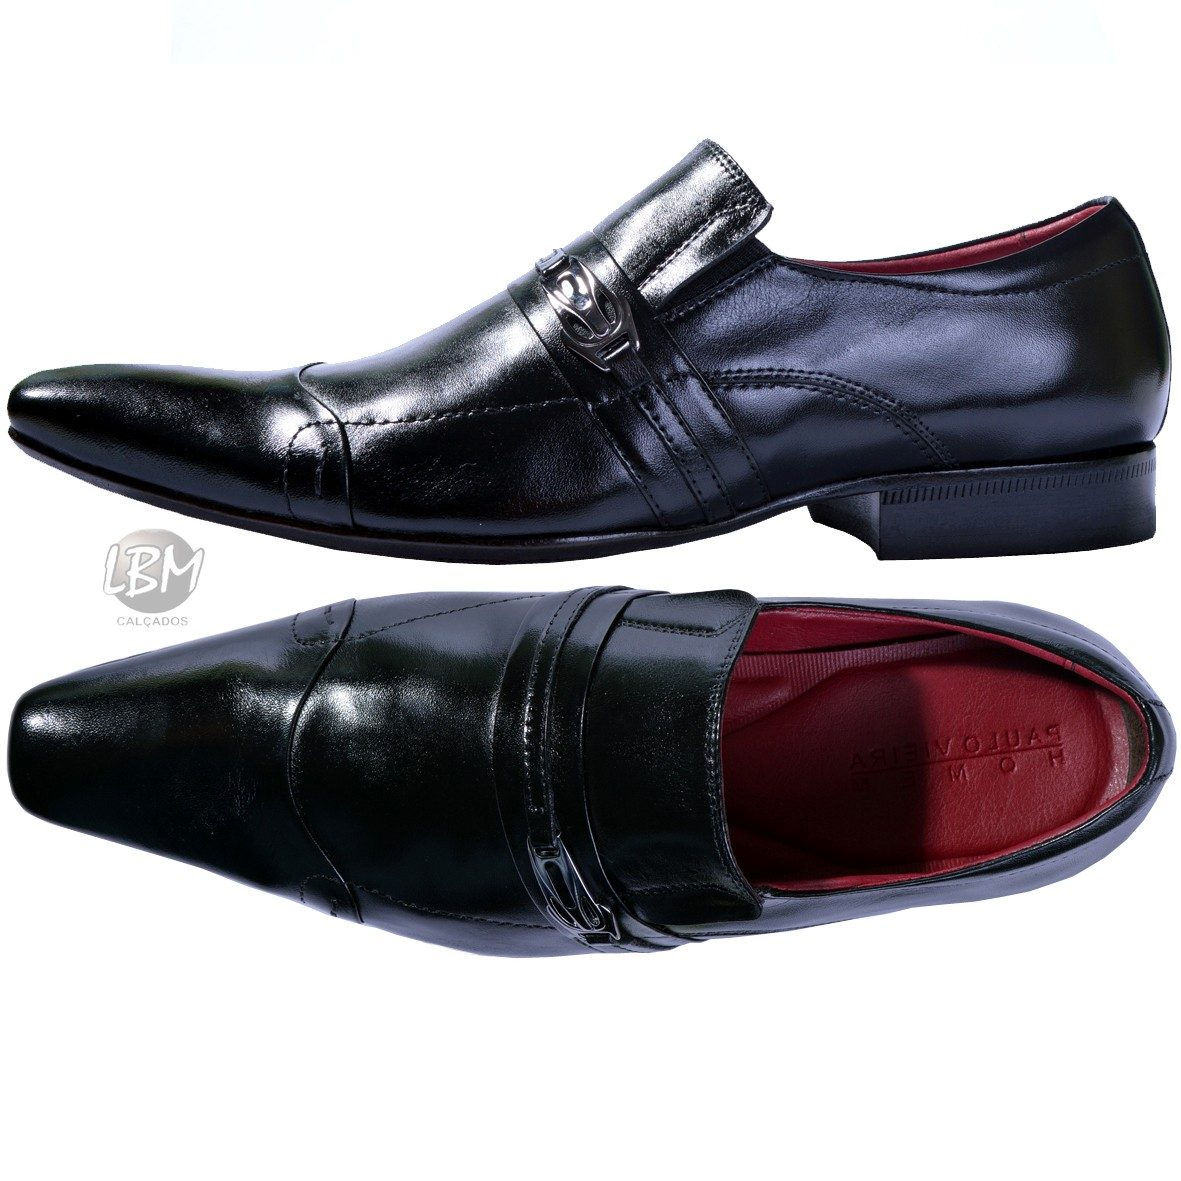 4849ad507e sapato social estilo italiano masculino bico fino clássico  . Carregando  zoom.